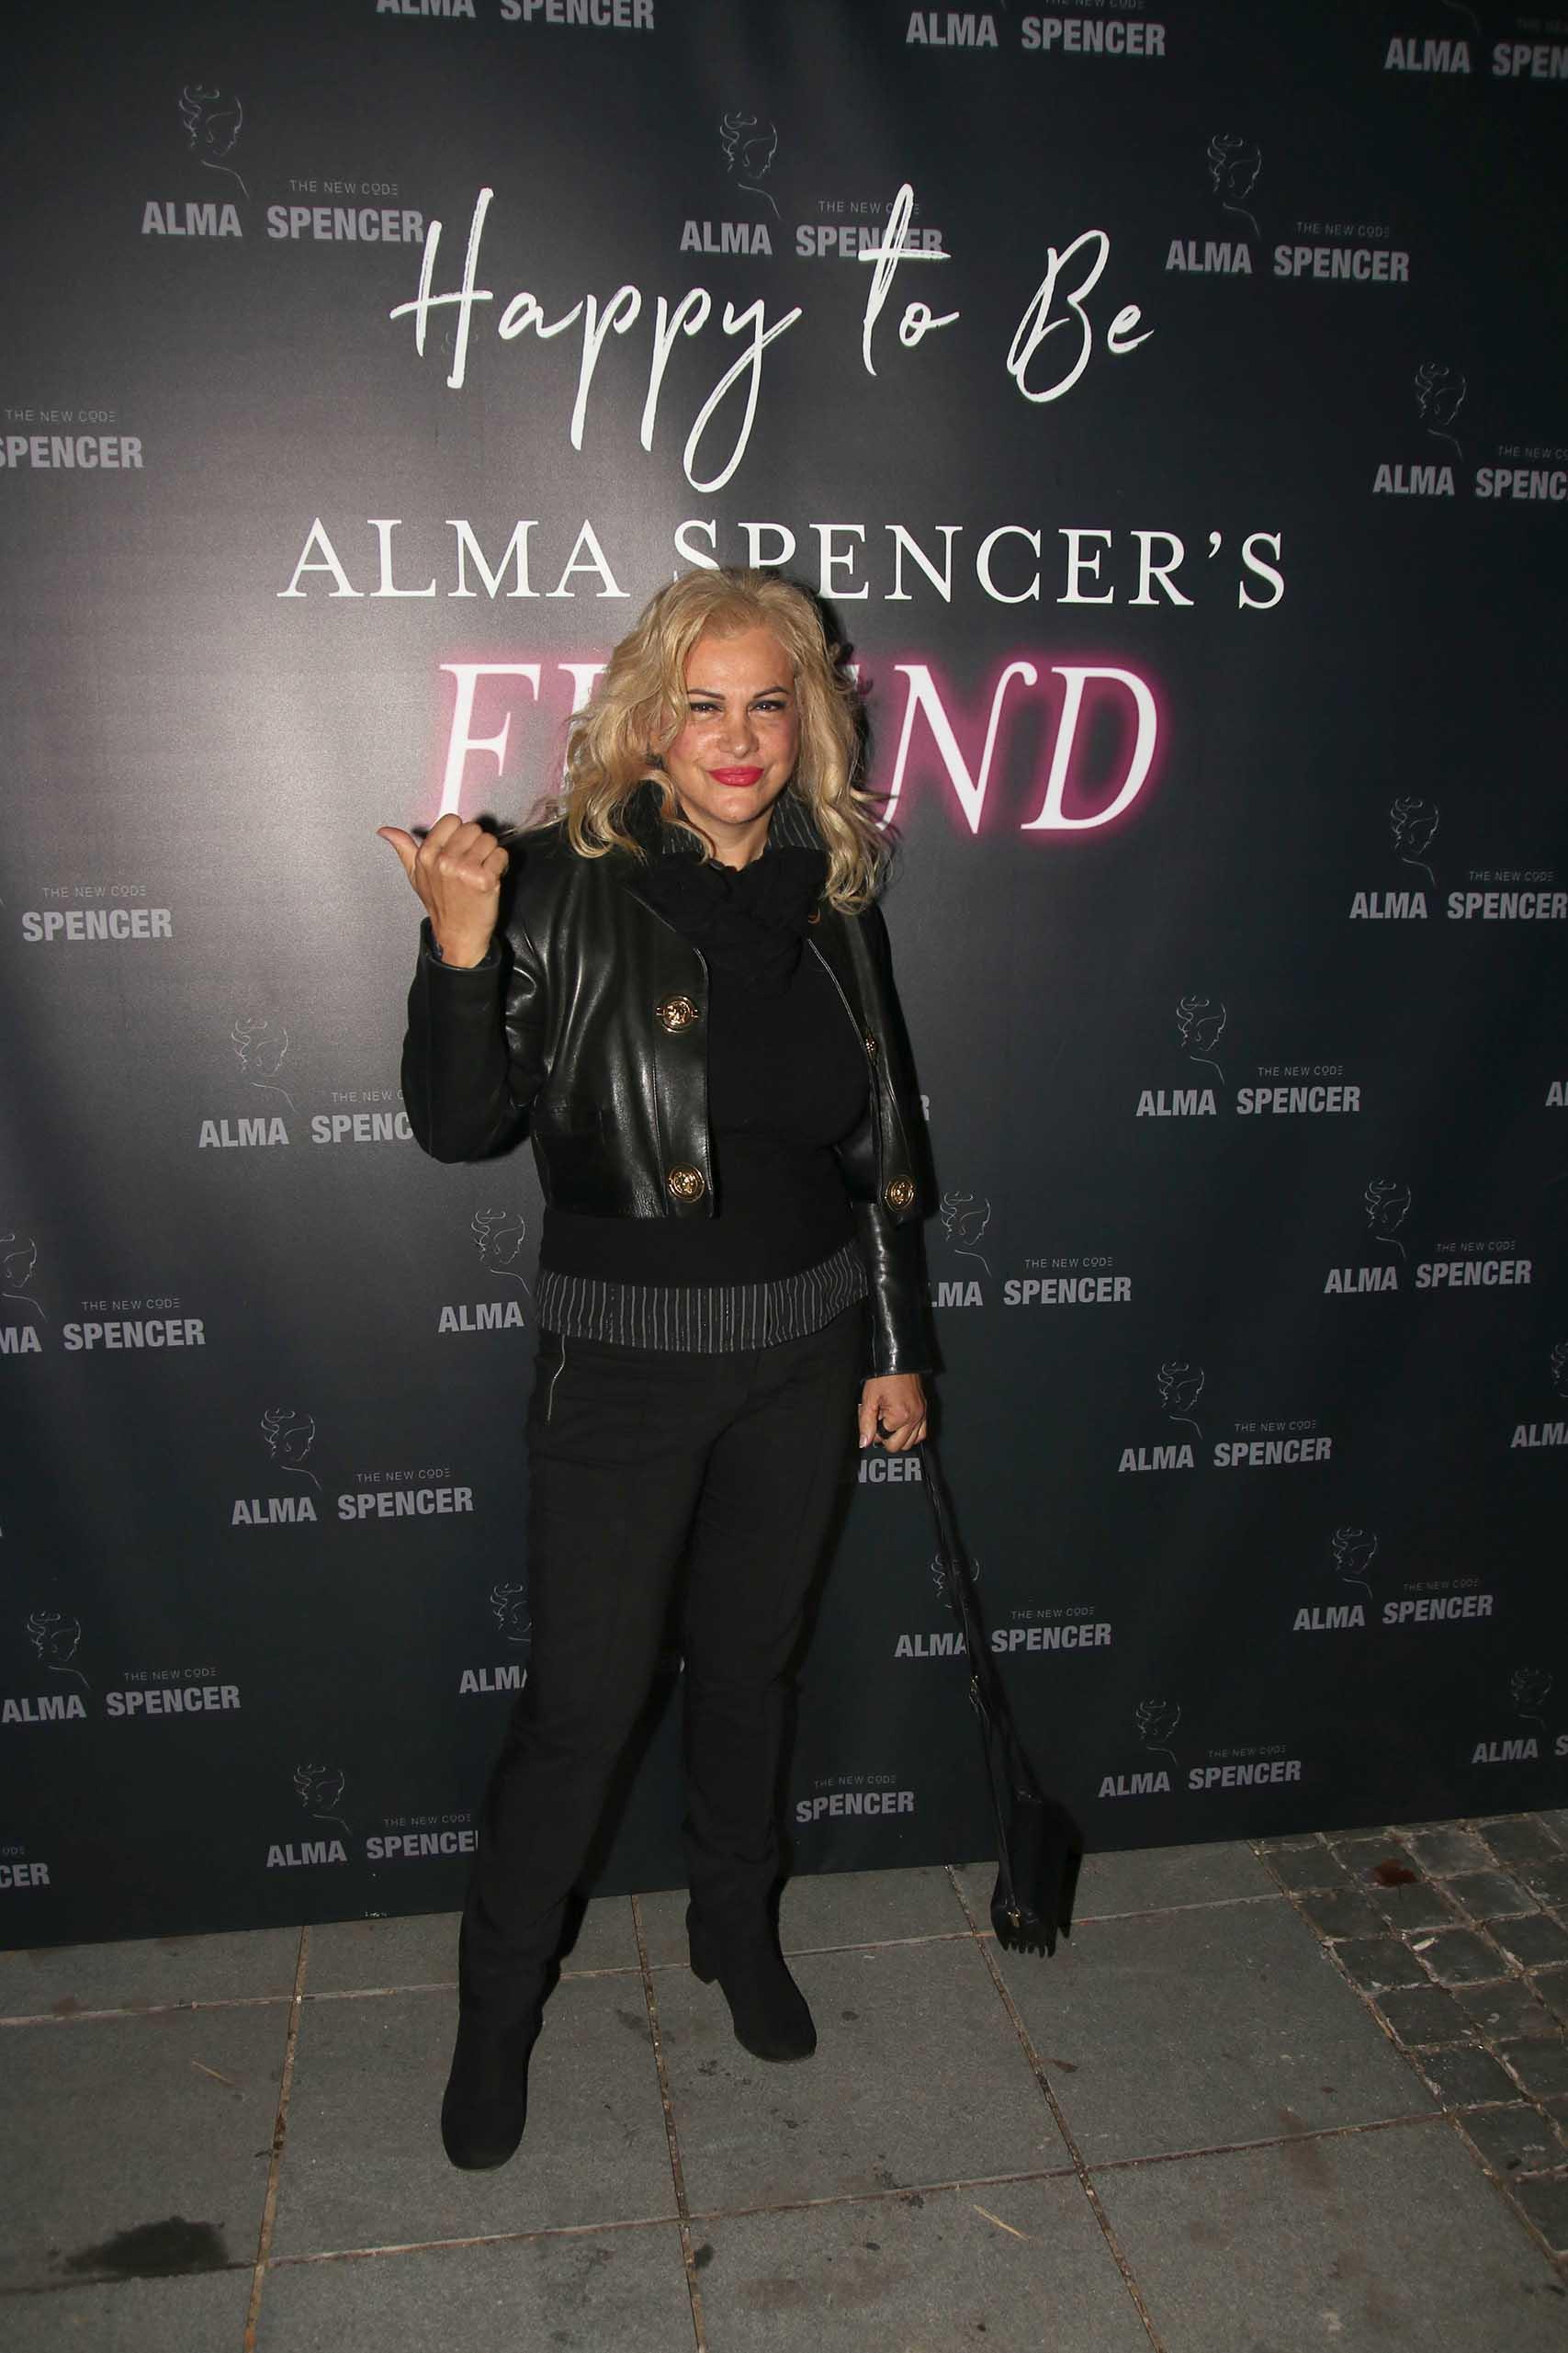 אילנה אביטל, מגזין אופנה, חדשות האופנה של ישראל